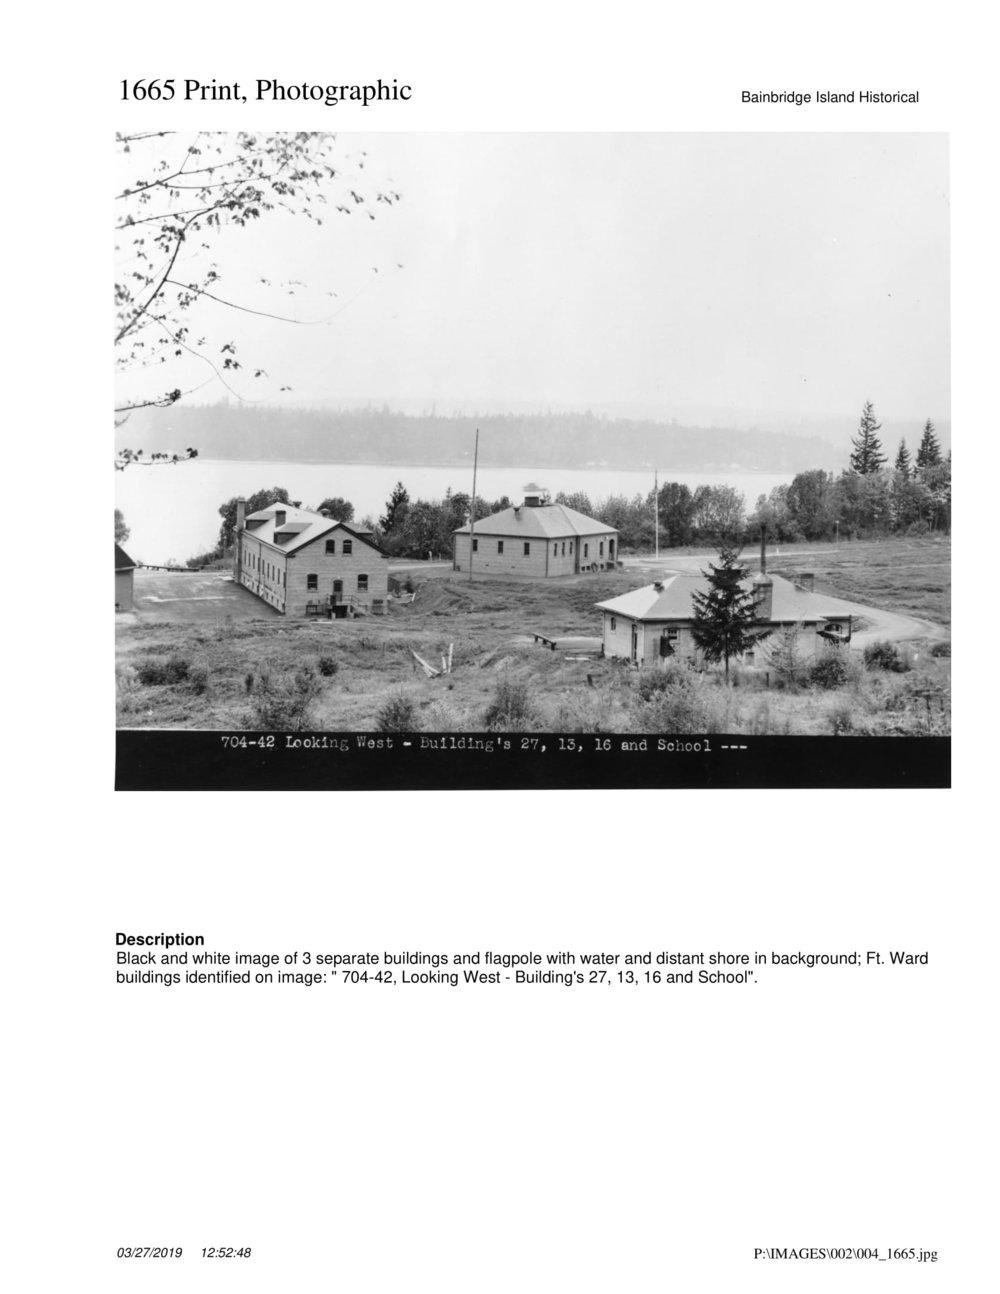 1665 Full Image of Photo-1.jpg